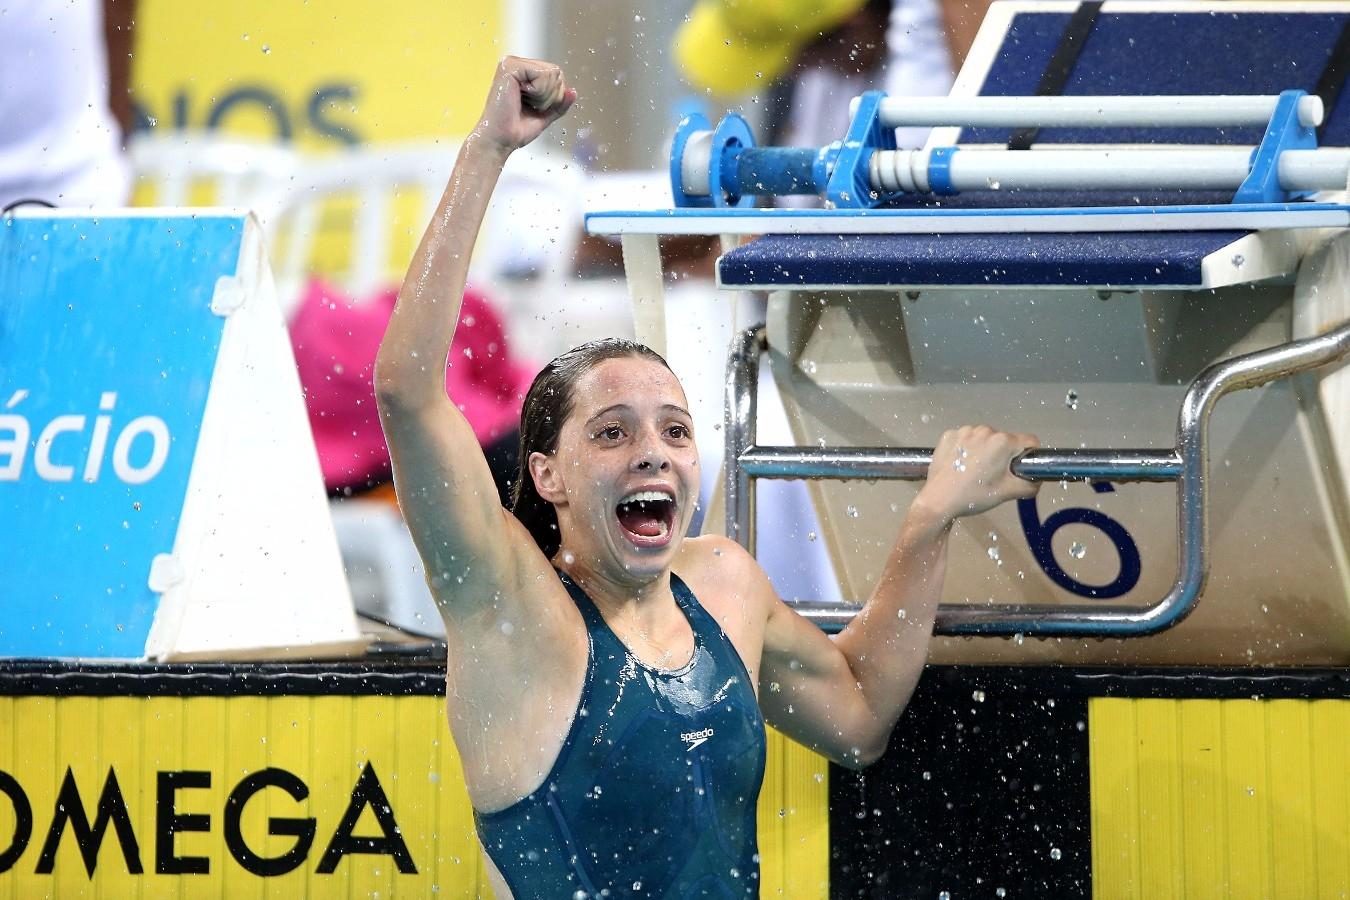 Fernanda Goeij. Trofeu Maria Lenk. Parque Aquatico Maria Lenk. 05 de Maio de 2017, Rio de Janeiro, RJ, Brasil. Foto: Satiro Sodré/SSPress/CBDA